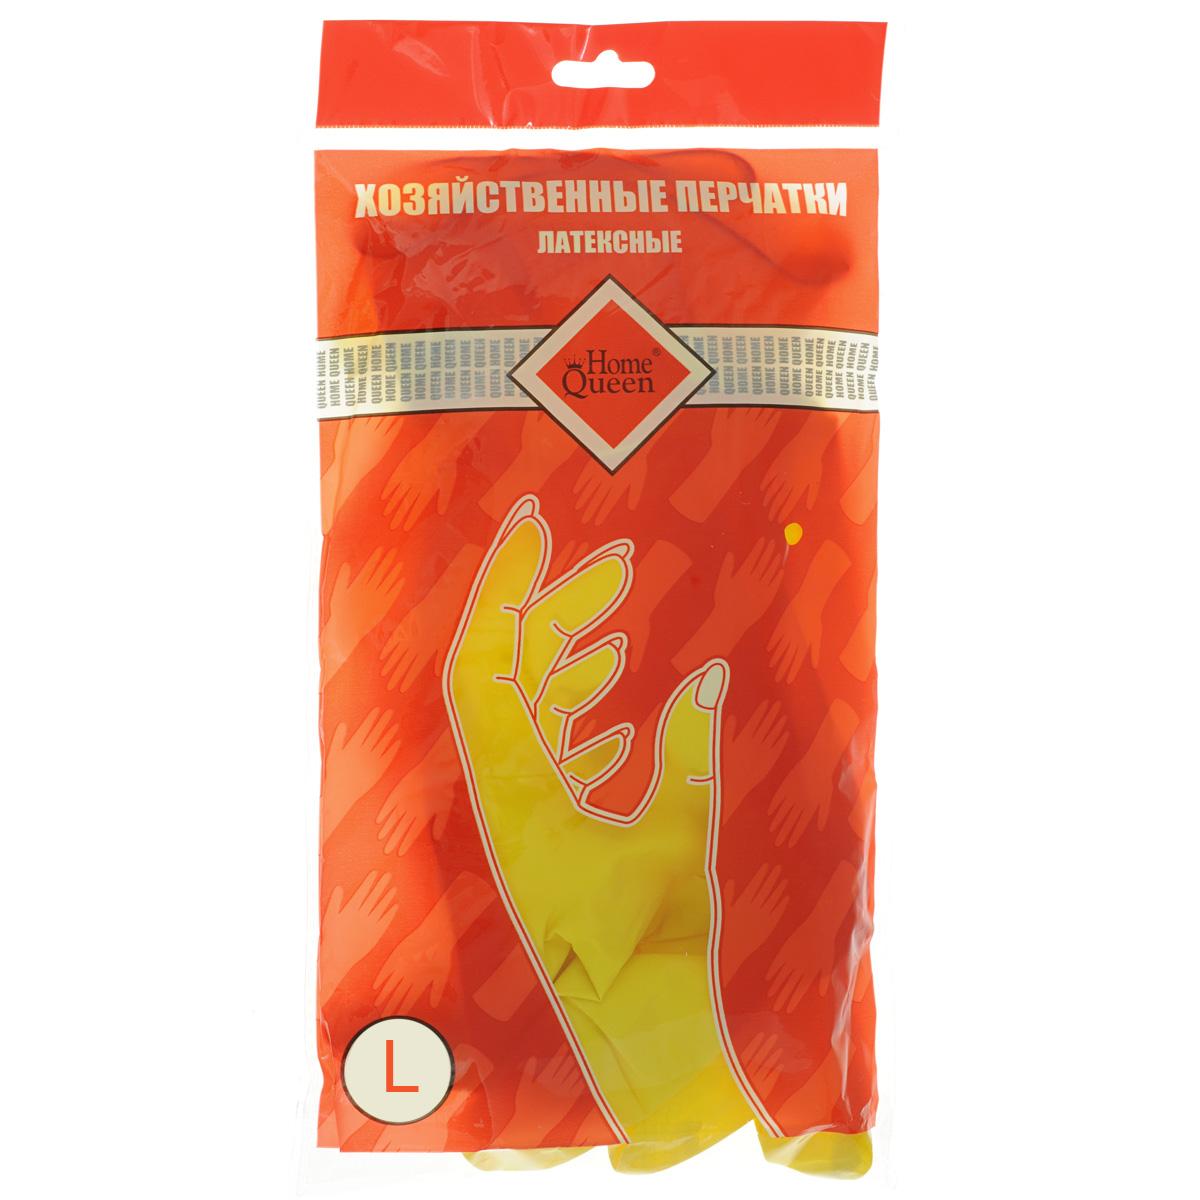 Перчатки латексные Home Queen. Размер L6.295-875.0Перчатки Home Queen, изготовленные из латекса, защитят ваши руки от воздействия бытовой химии и грязи. Подойдут для всех видов хозяйственных работ.